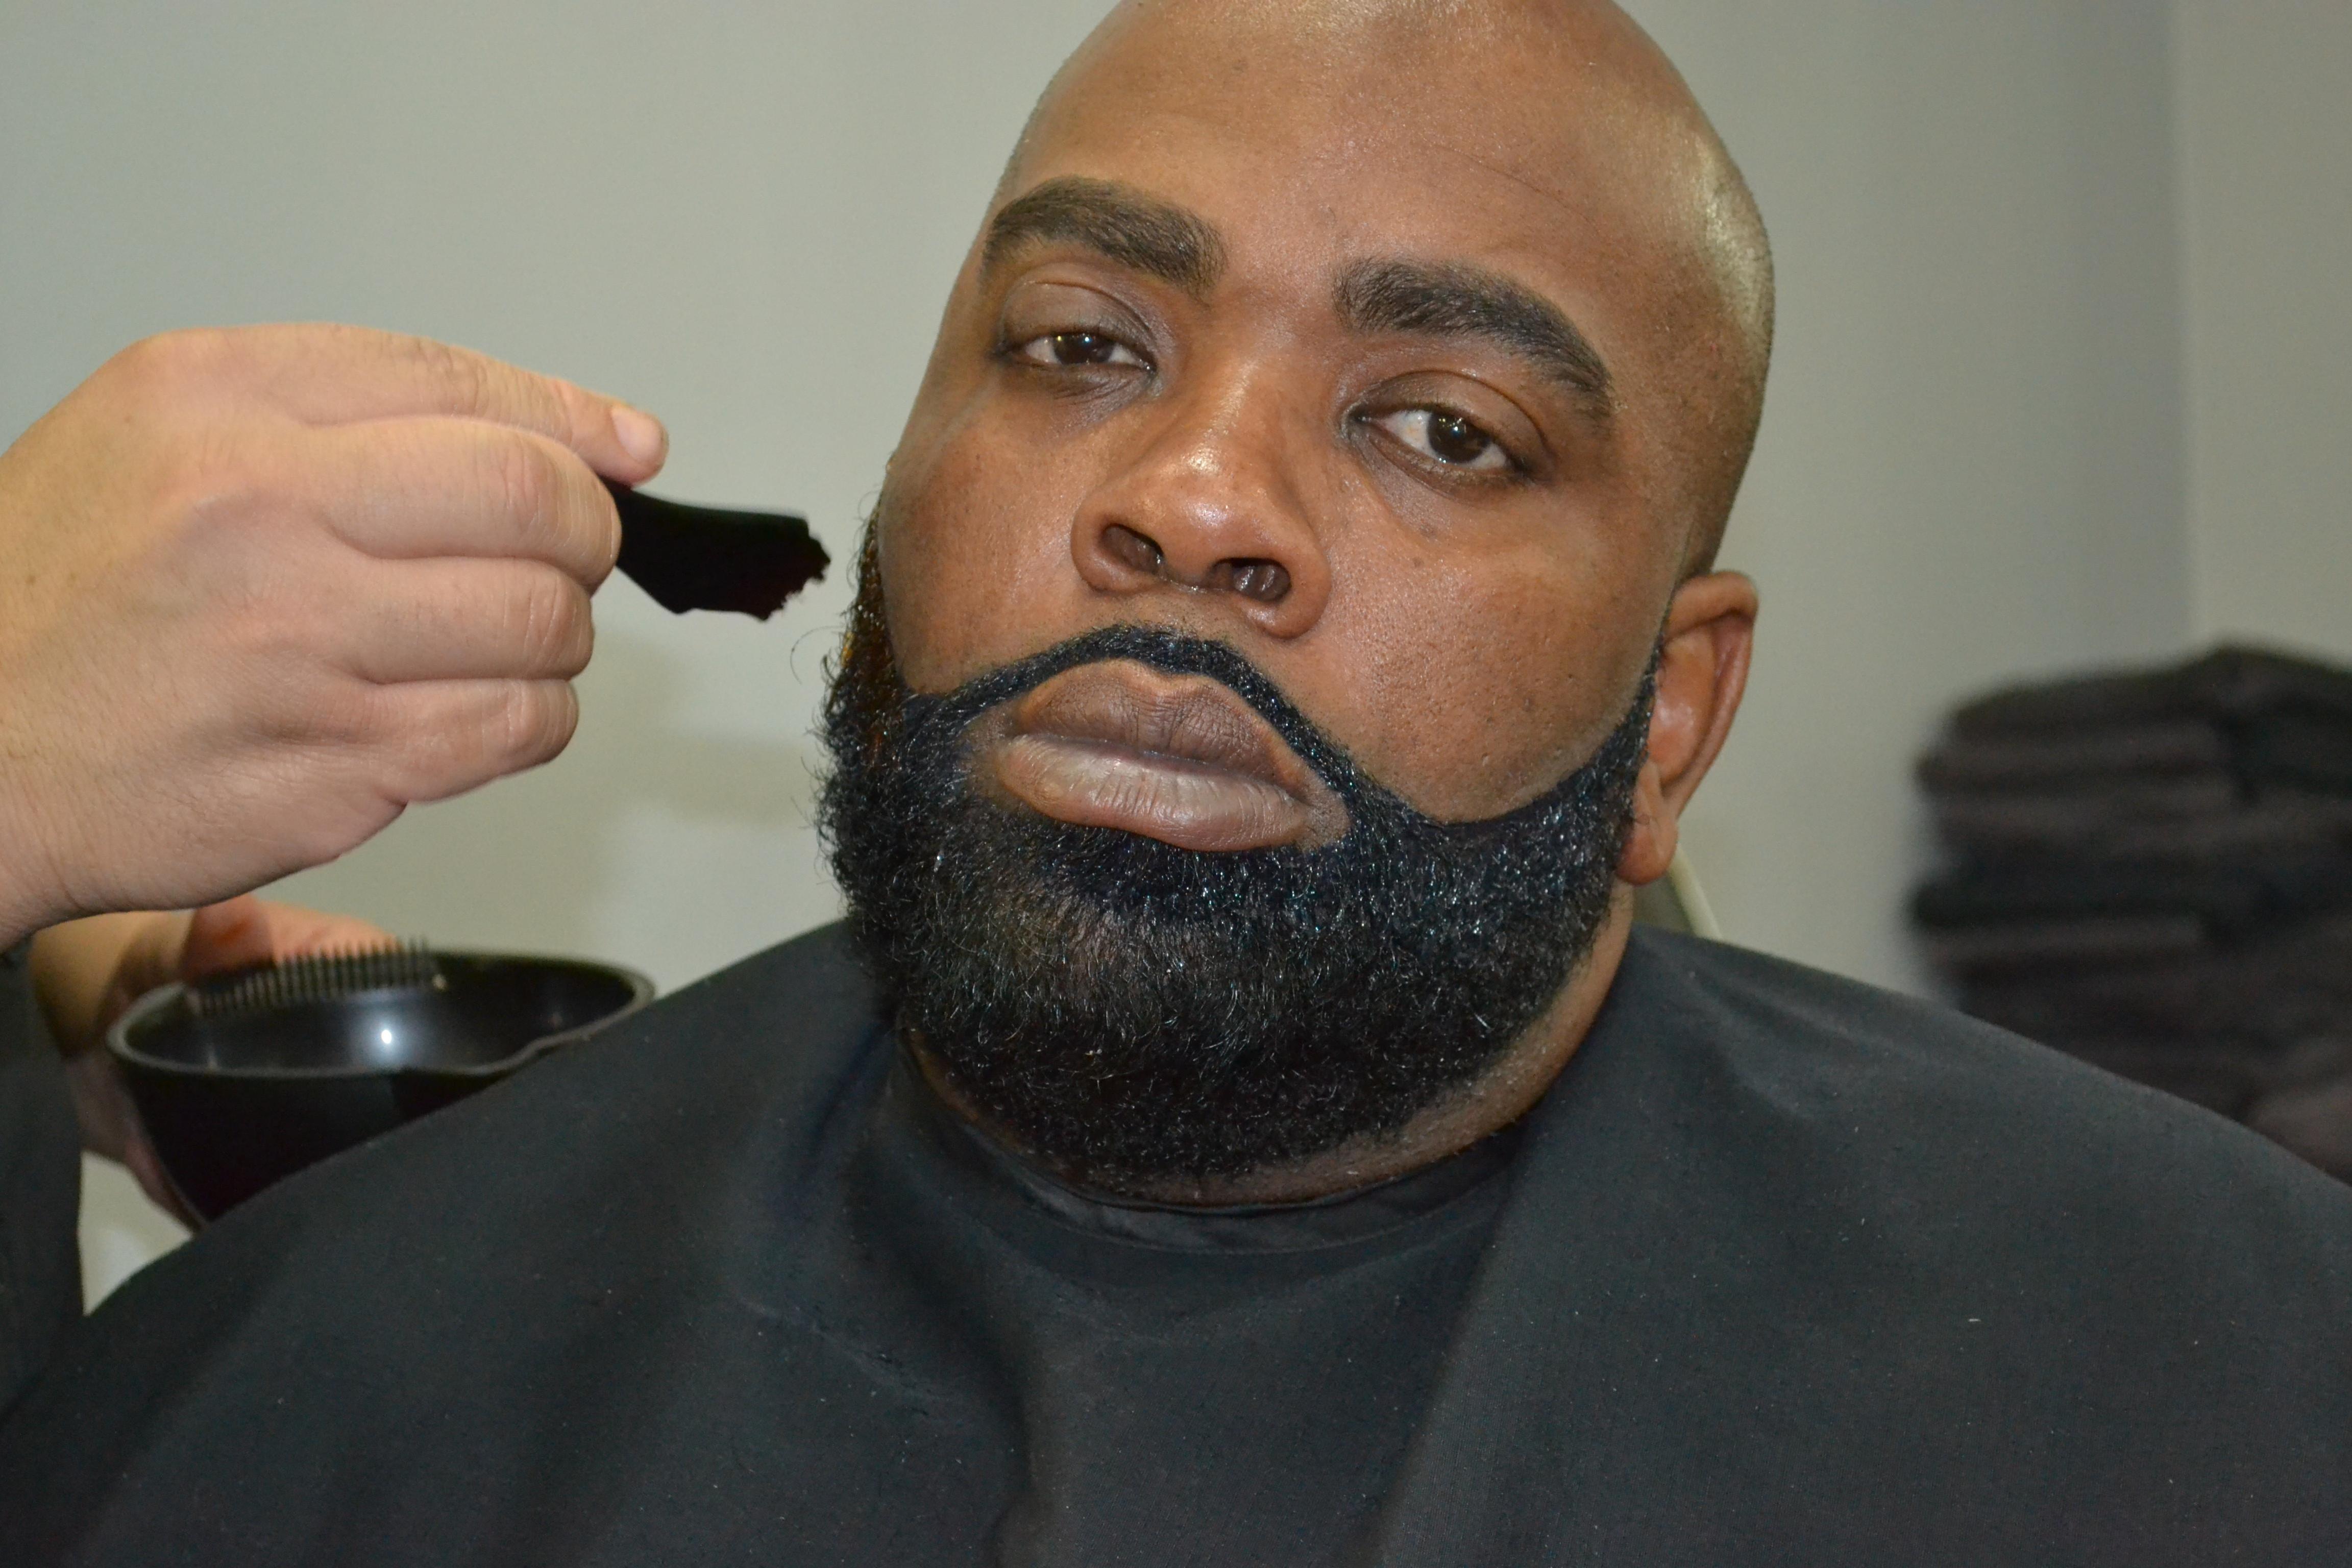 Boss beard $100